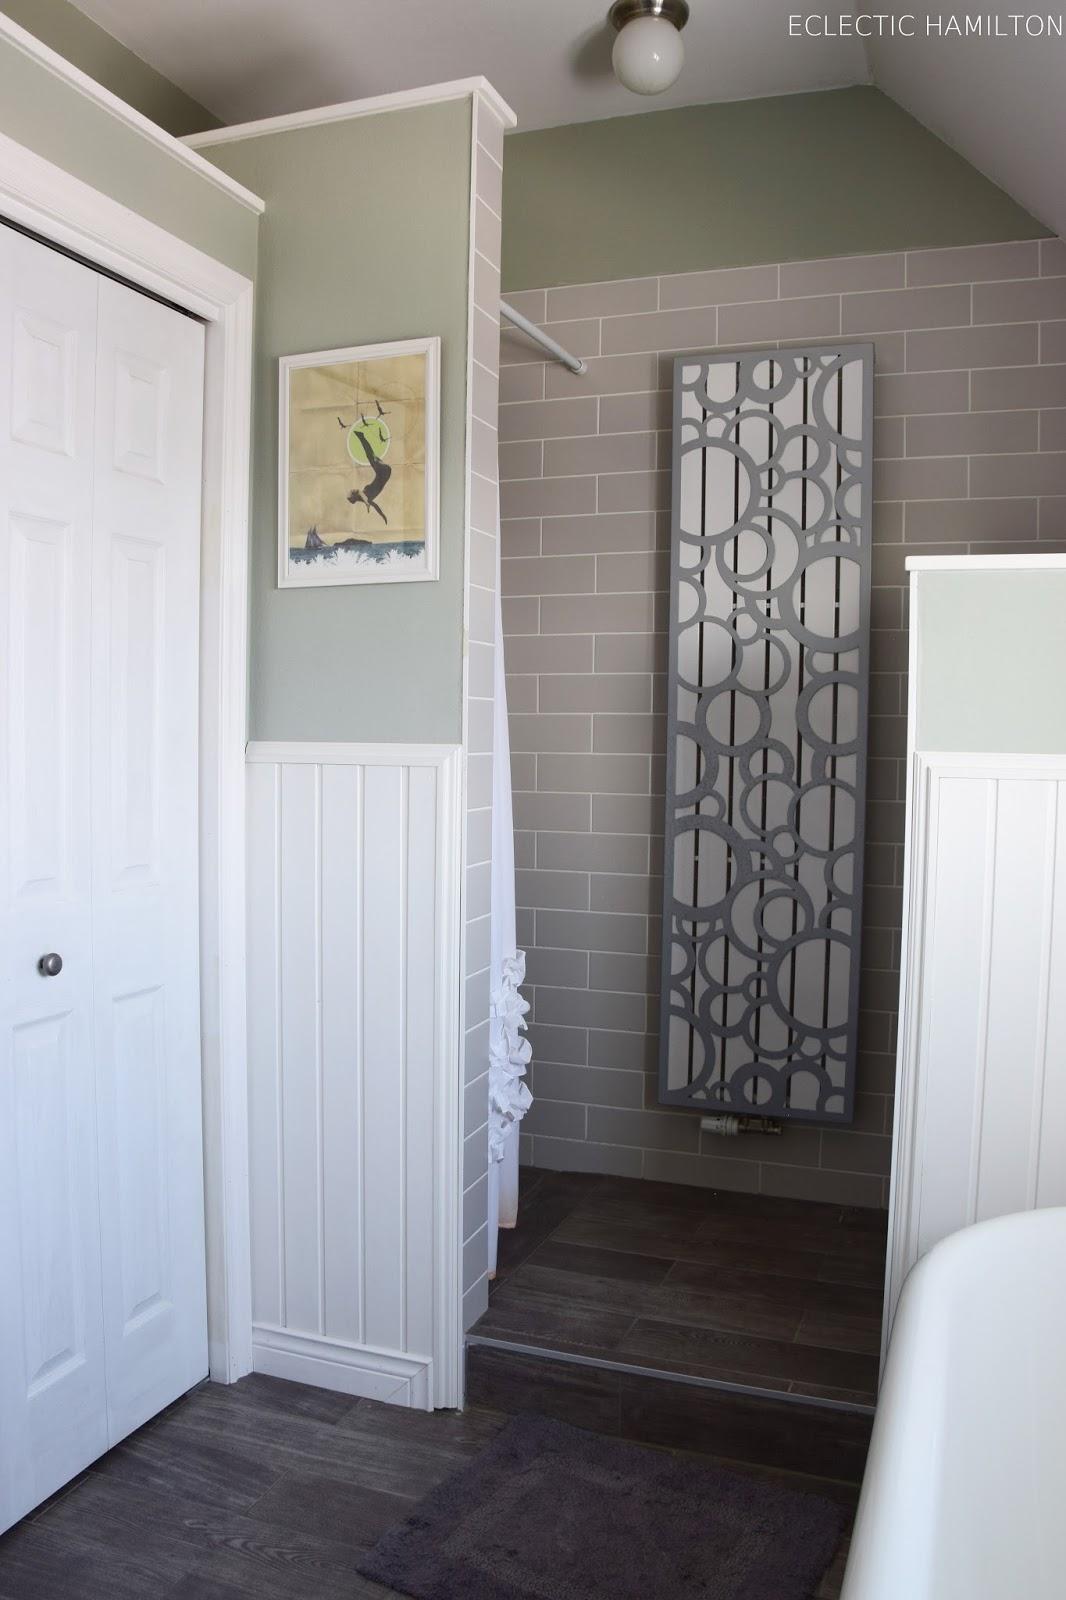 meine badezimmer-deko und gute gedanken hinter glas - eclectic